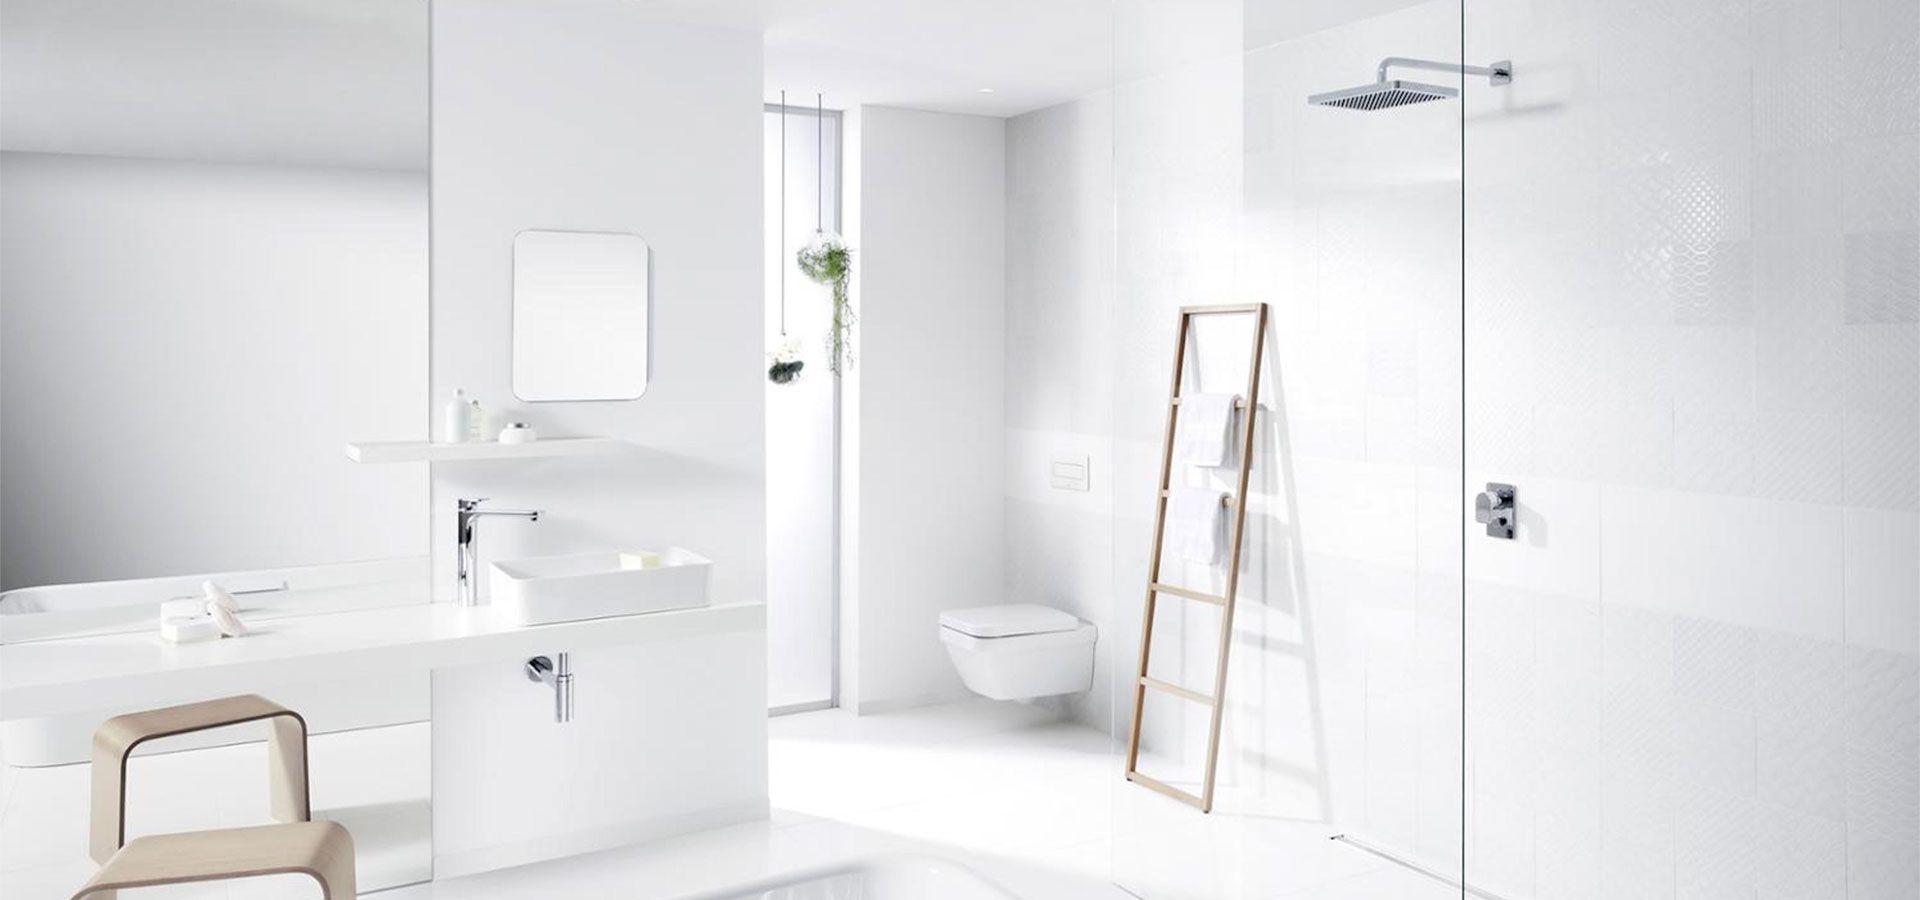 Soft edge le nouveau design de salle de bains par viega for Salle de bain art nouveau